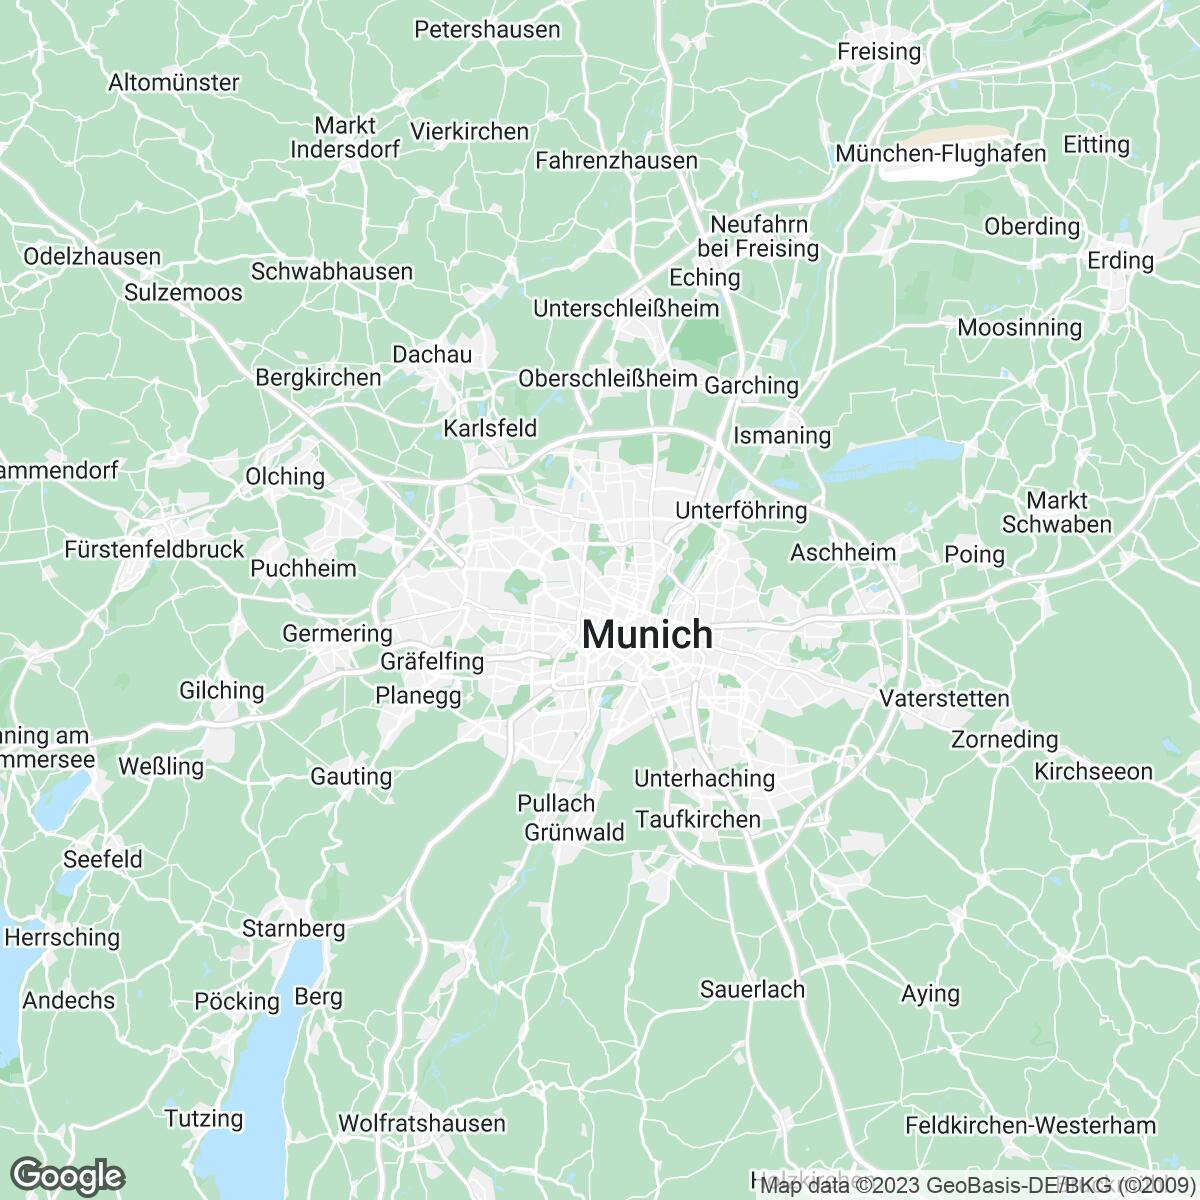 Verkaufsgebiet der Zeitungen Mediengruppe Münchner Merkur tz